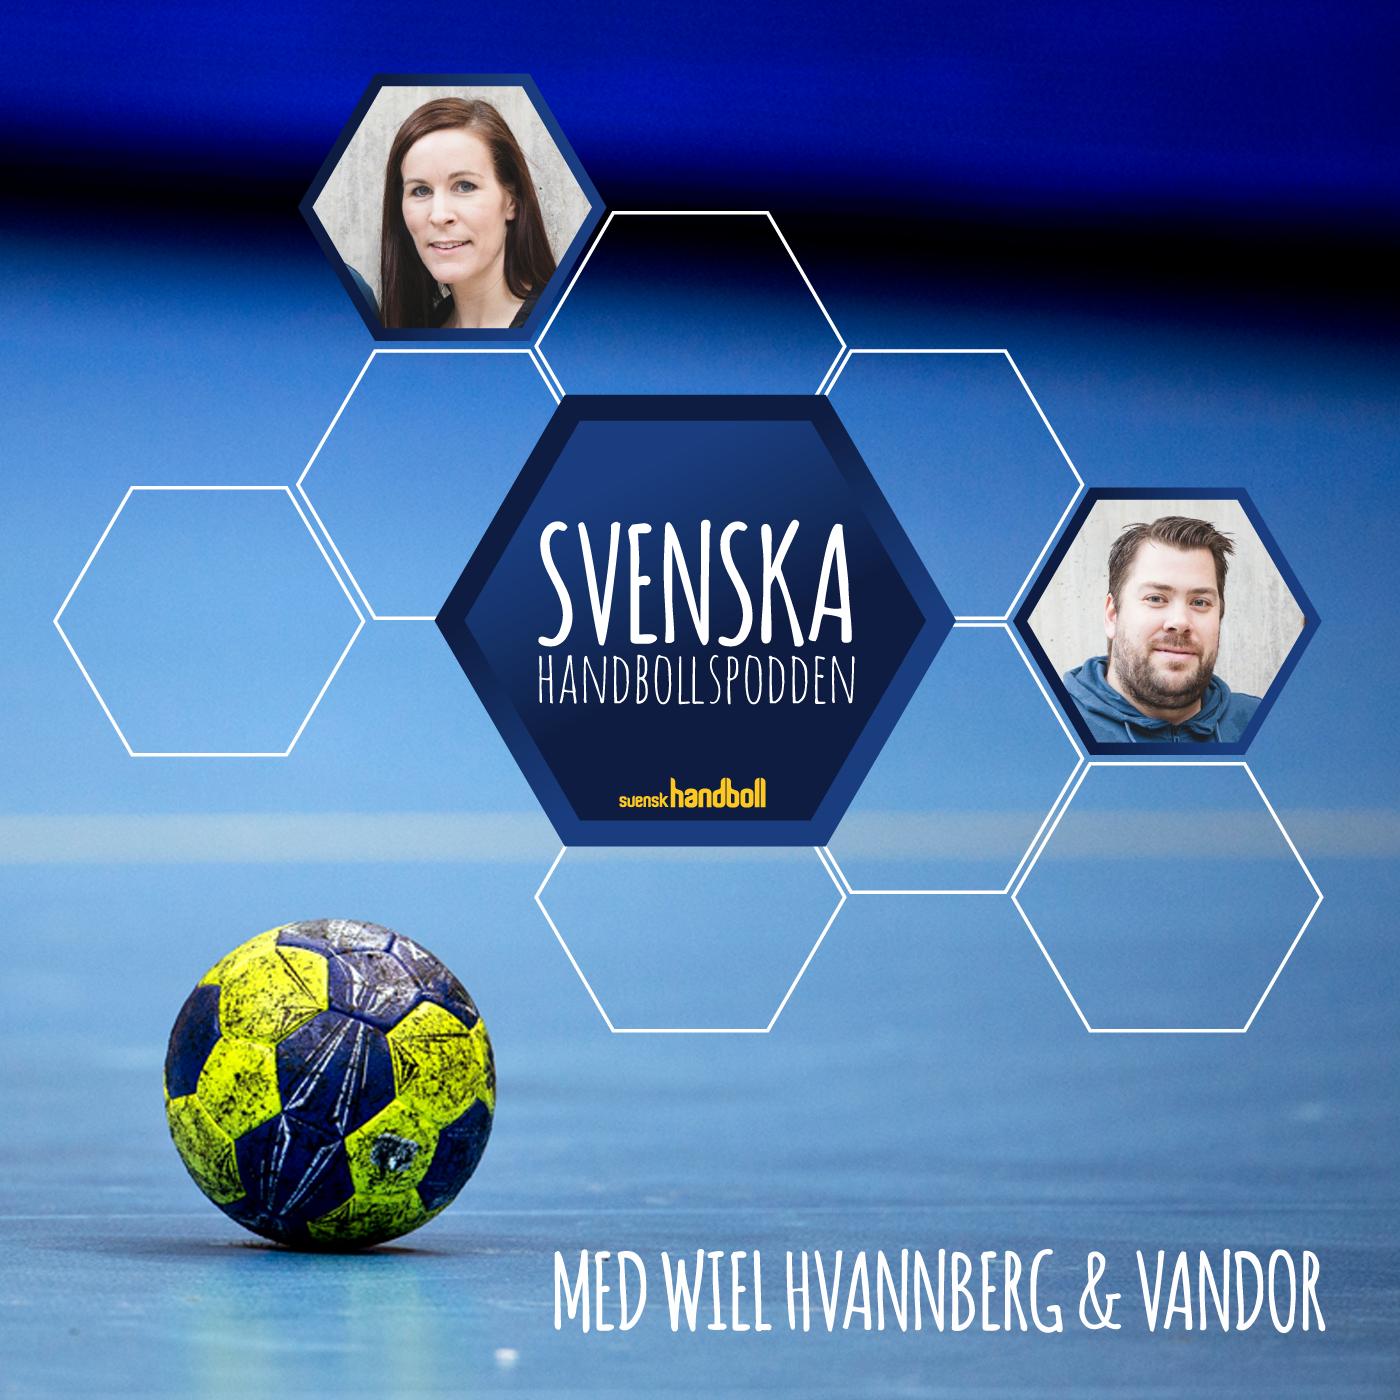 Svenska Handbollspodden